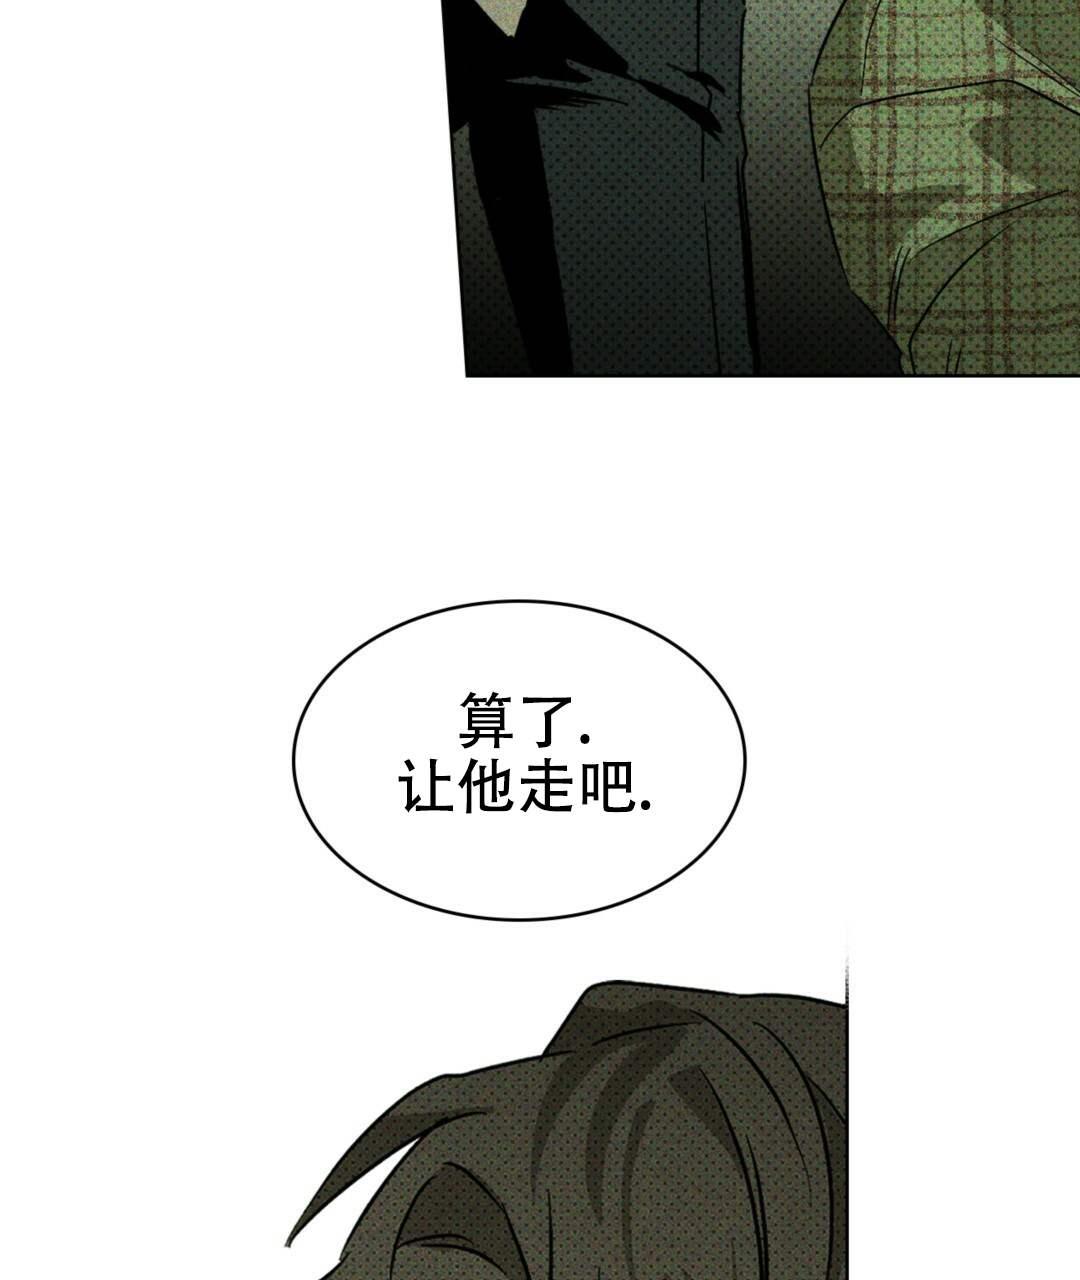 韩漫  《绿色镌像》这男人竟该死的甜美~纯情男大学生x黑帮大佬  第26张